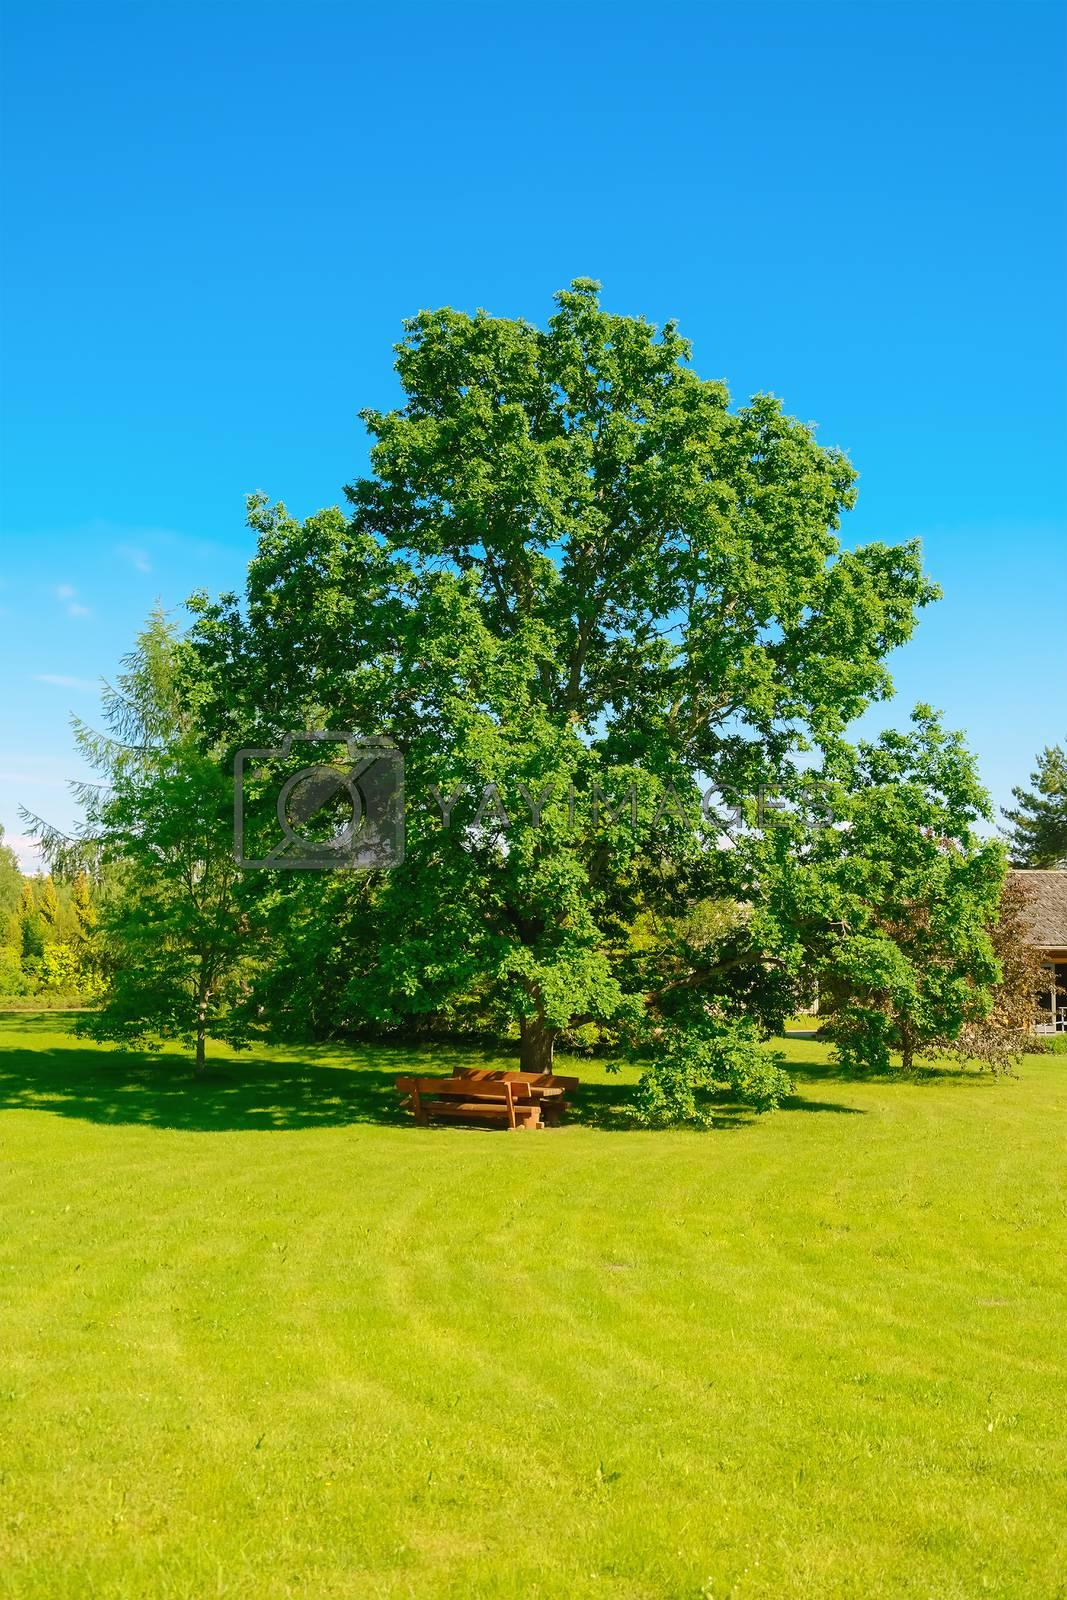 Big oak tree on the green lawn